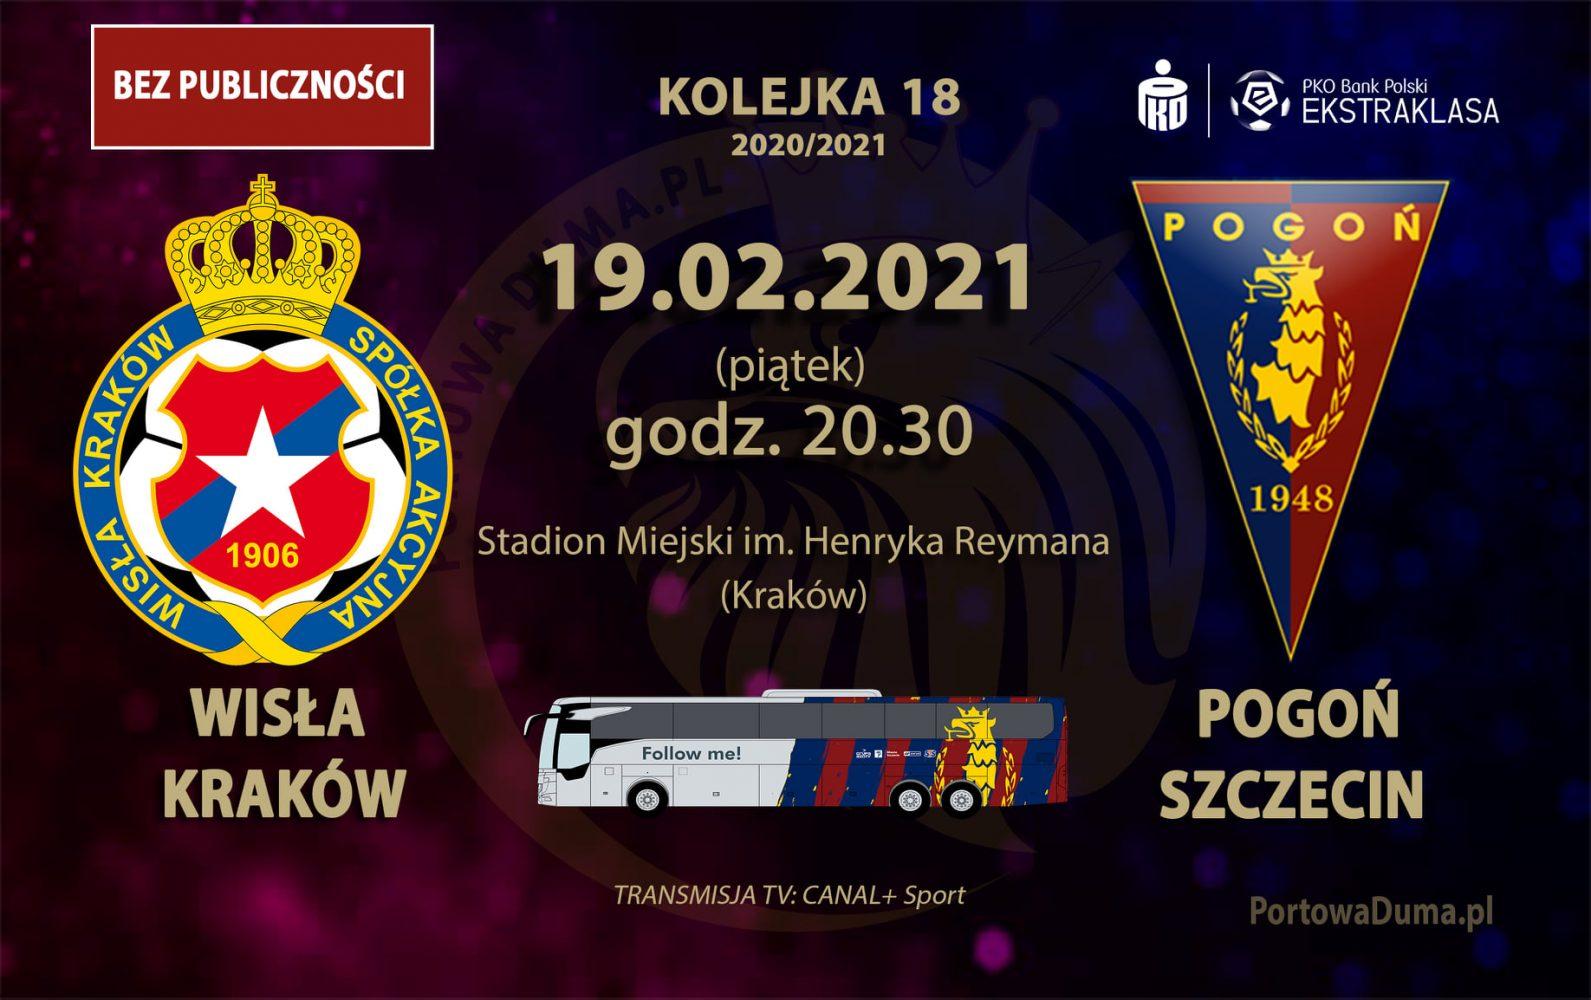 [Relacja z meczu]: Wisła Kraków – Pogoń Szczecin.